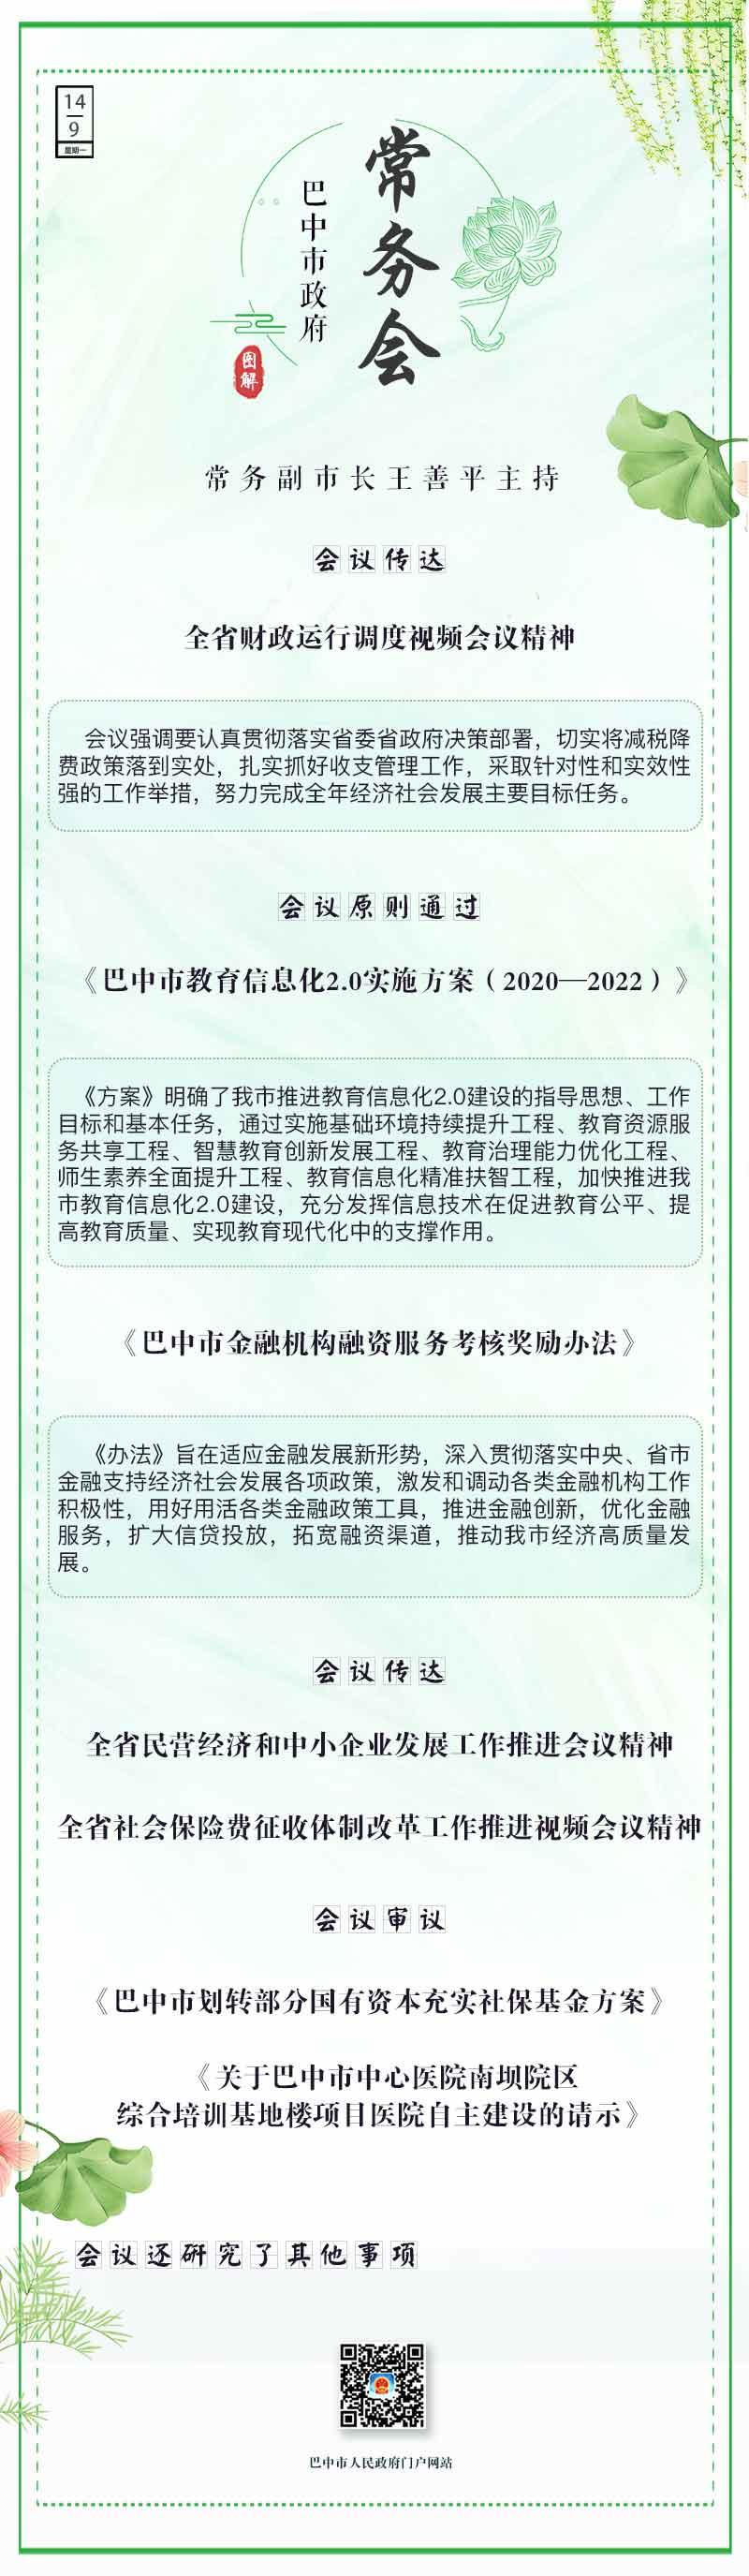 图解市政府四届第171次常务会议